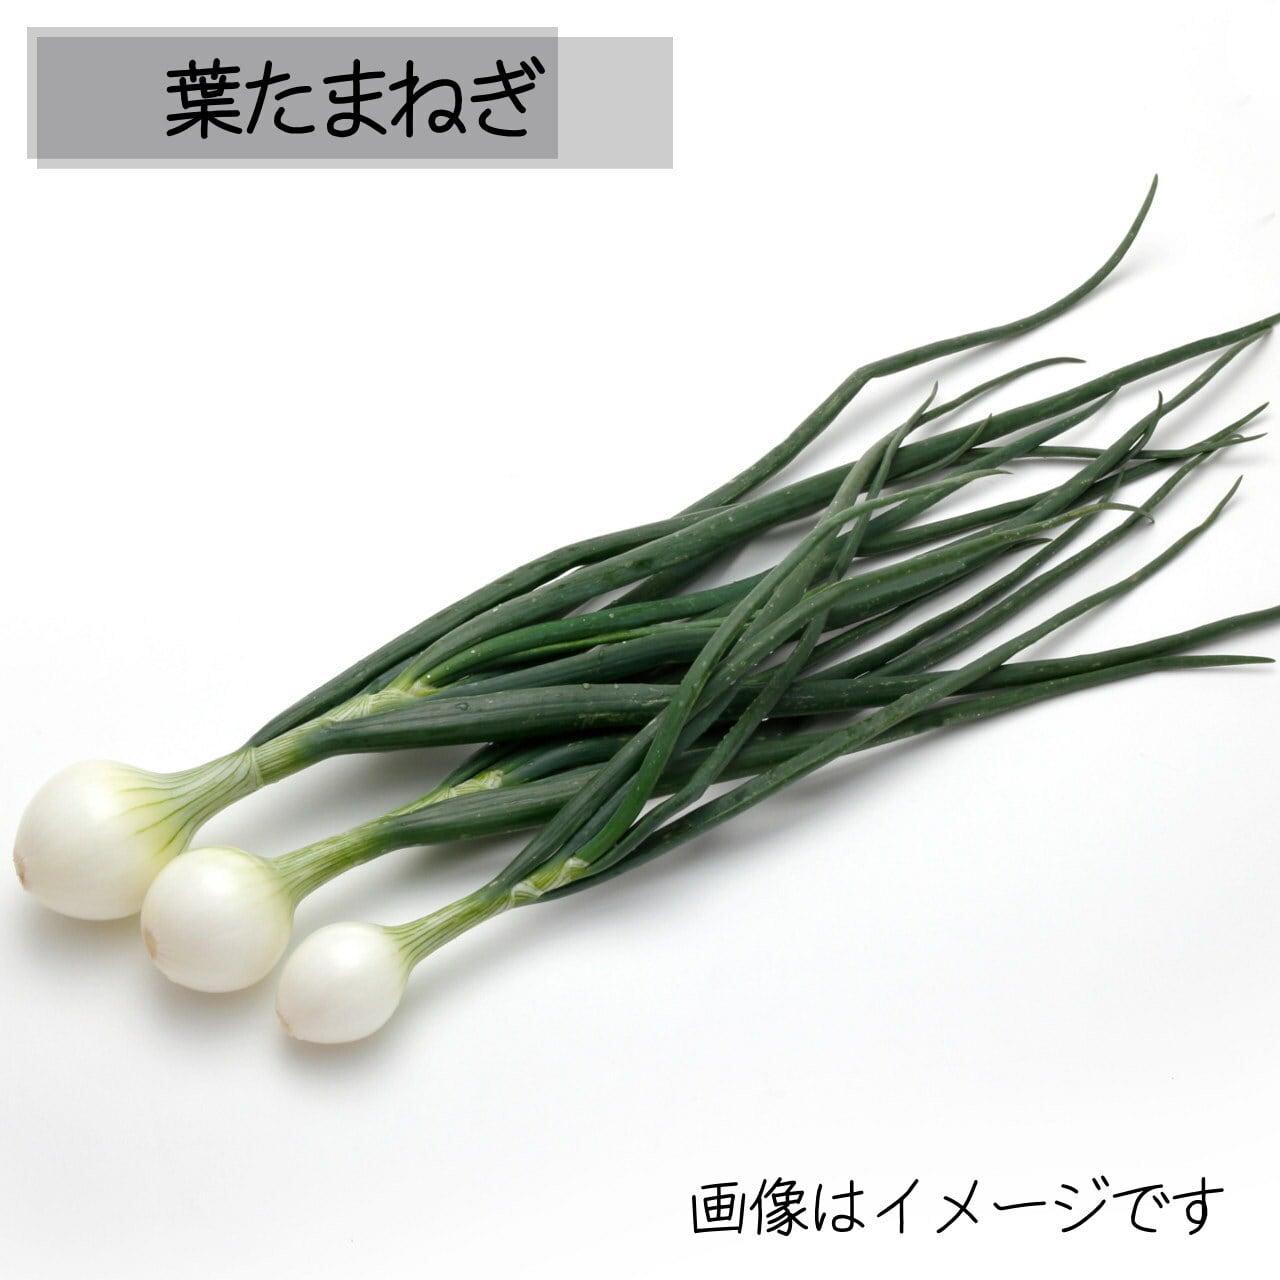 5月の朝採り直売野菜:葉たまねぎ 3~4本 春の新鮮野菜 5月15日発送予定